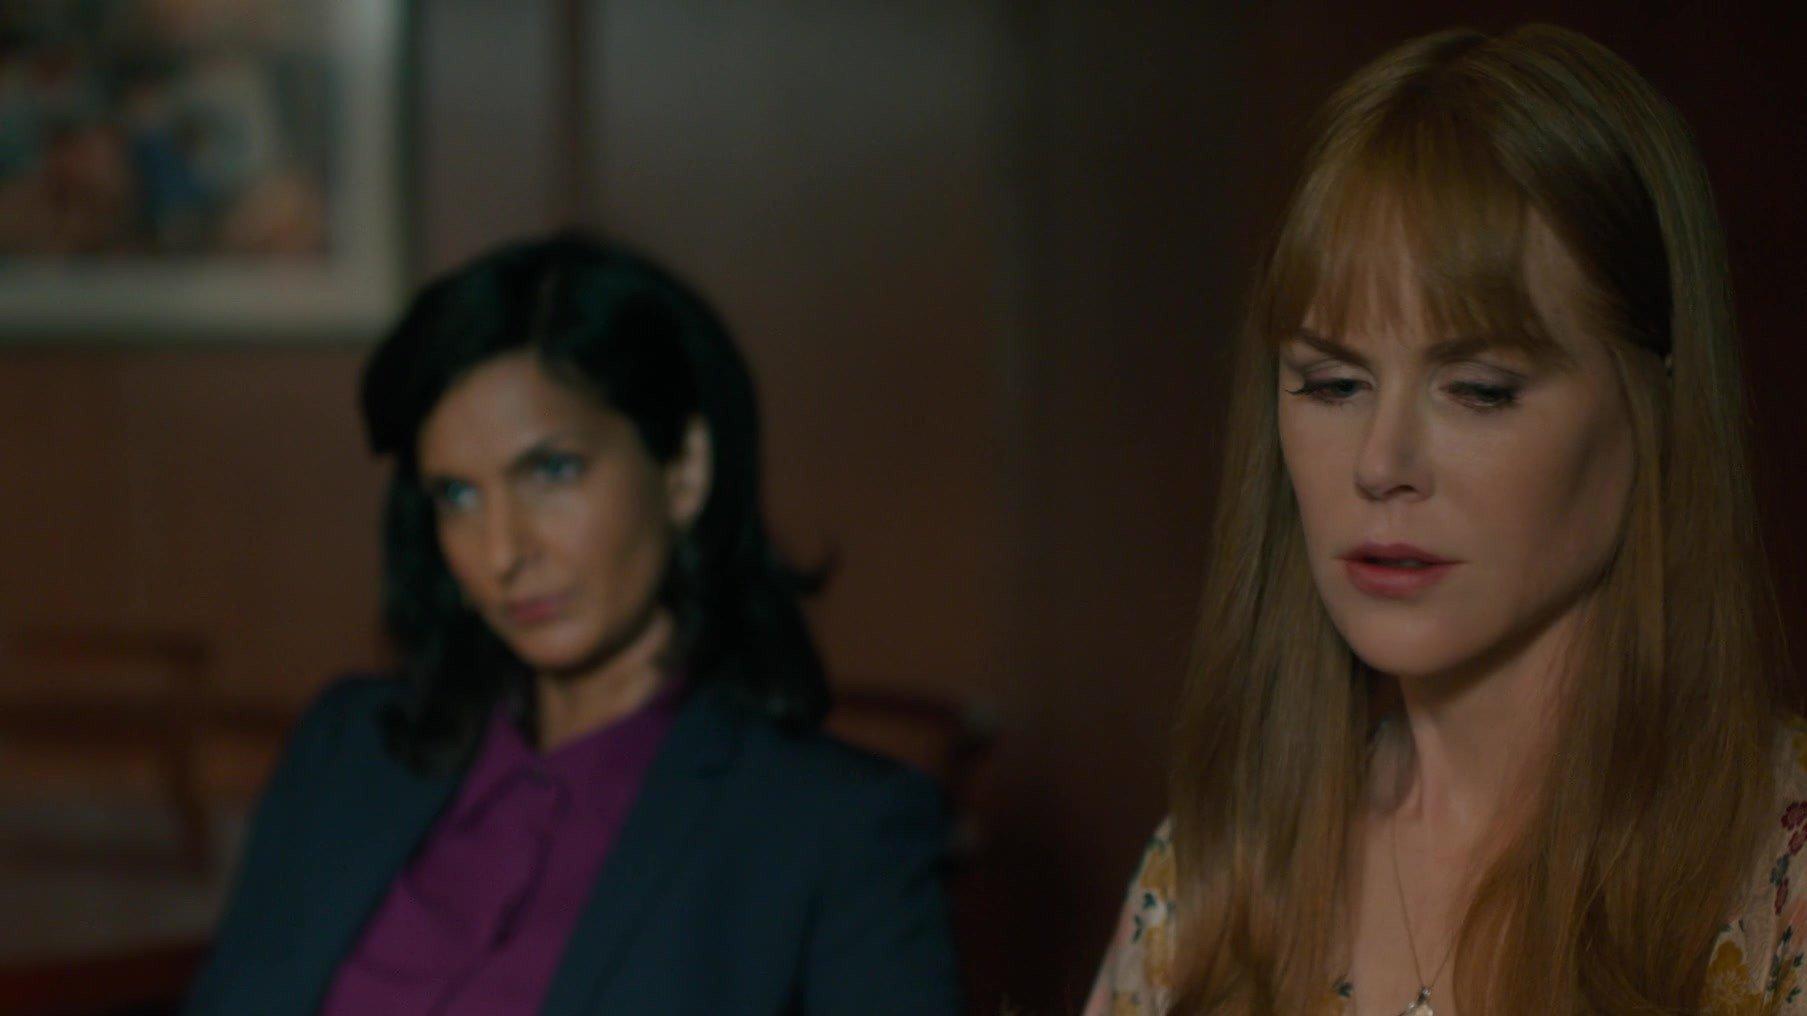 Nicole Kidman as Celeste in season two of HBO's Big Little Lies